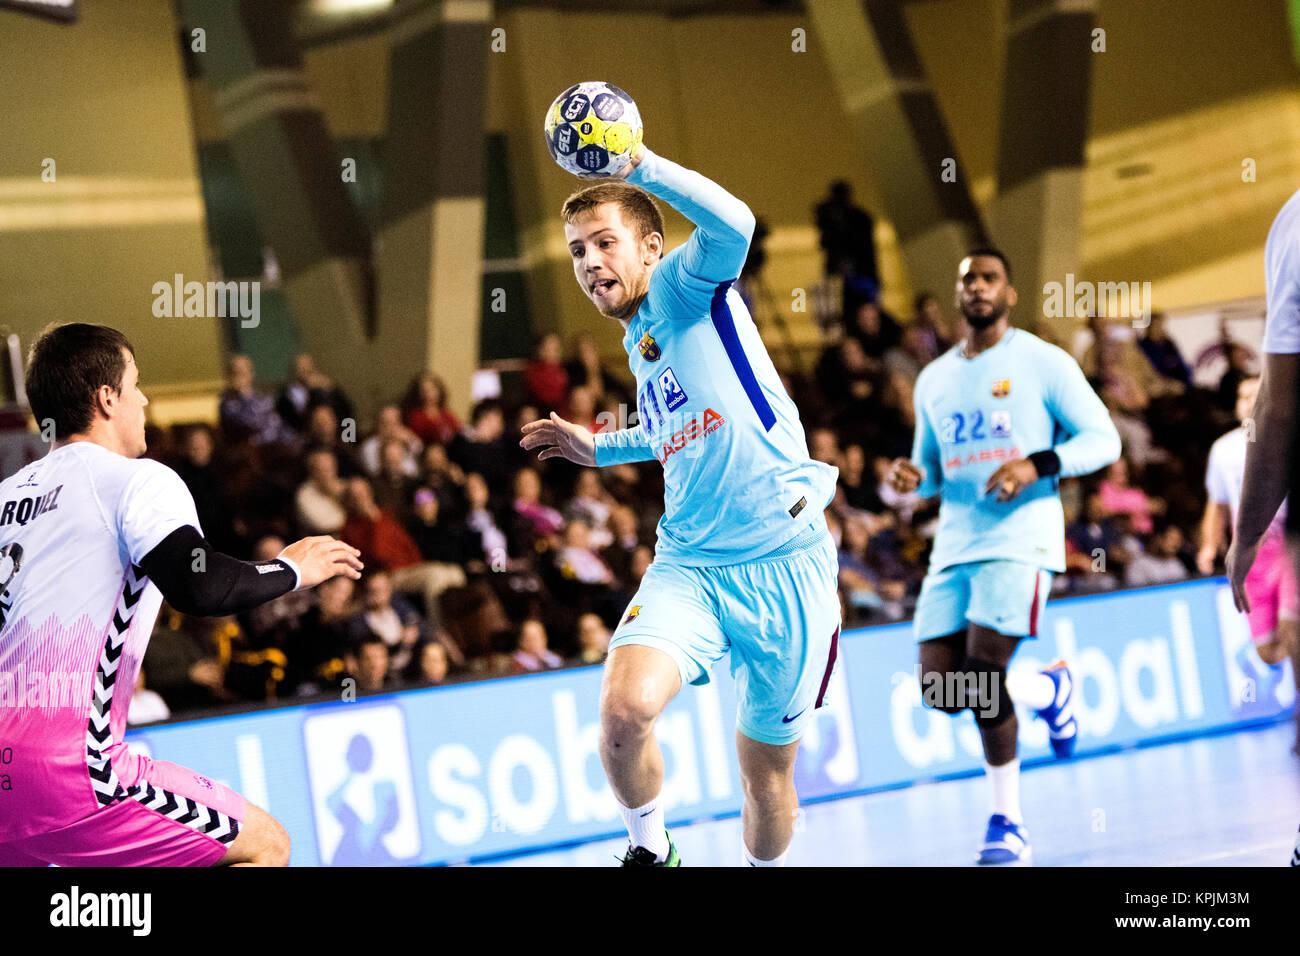 Leon, Espagne. 16 Décembre, 2017. Aleix Gomez (FC Barcelone) en action pendant la match de hand d'espagnol Photo Stock